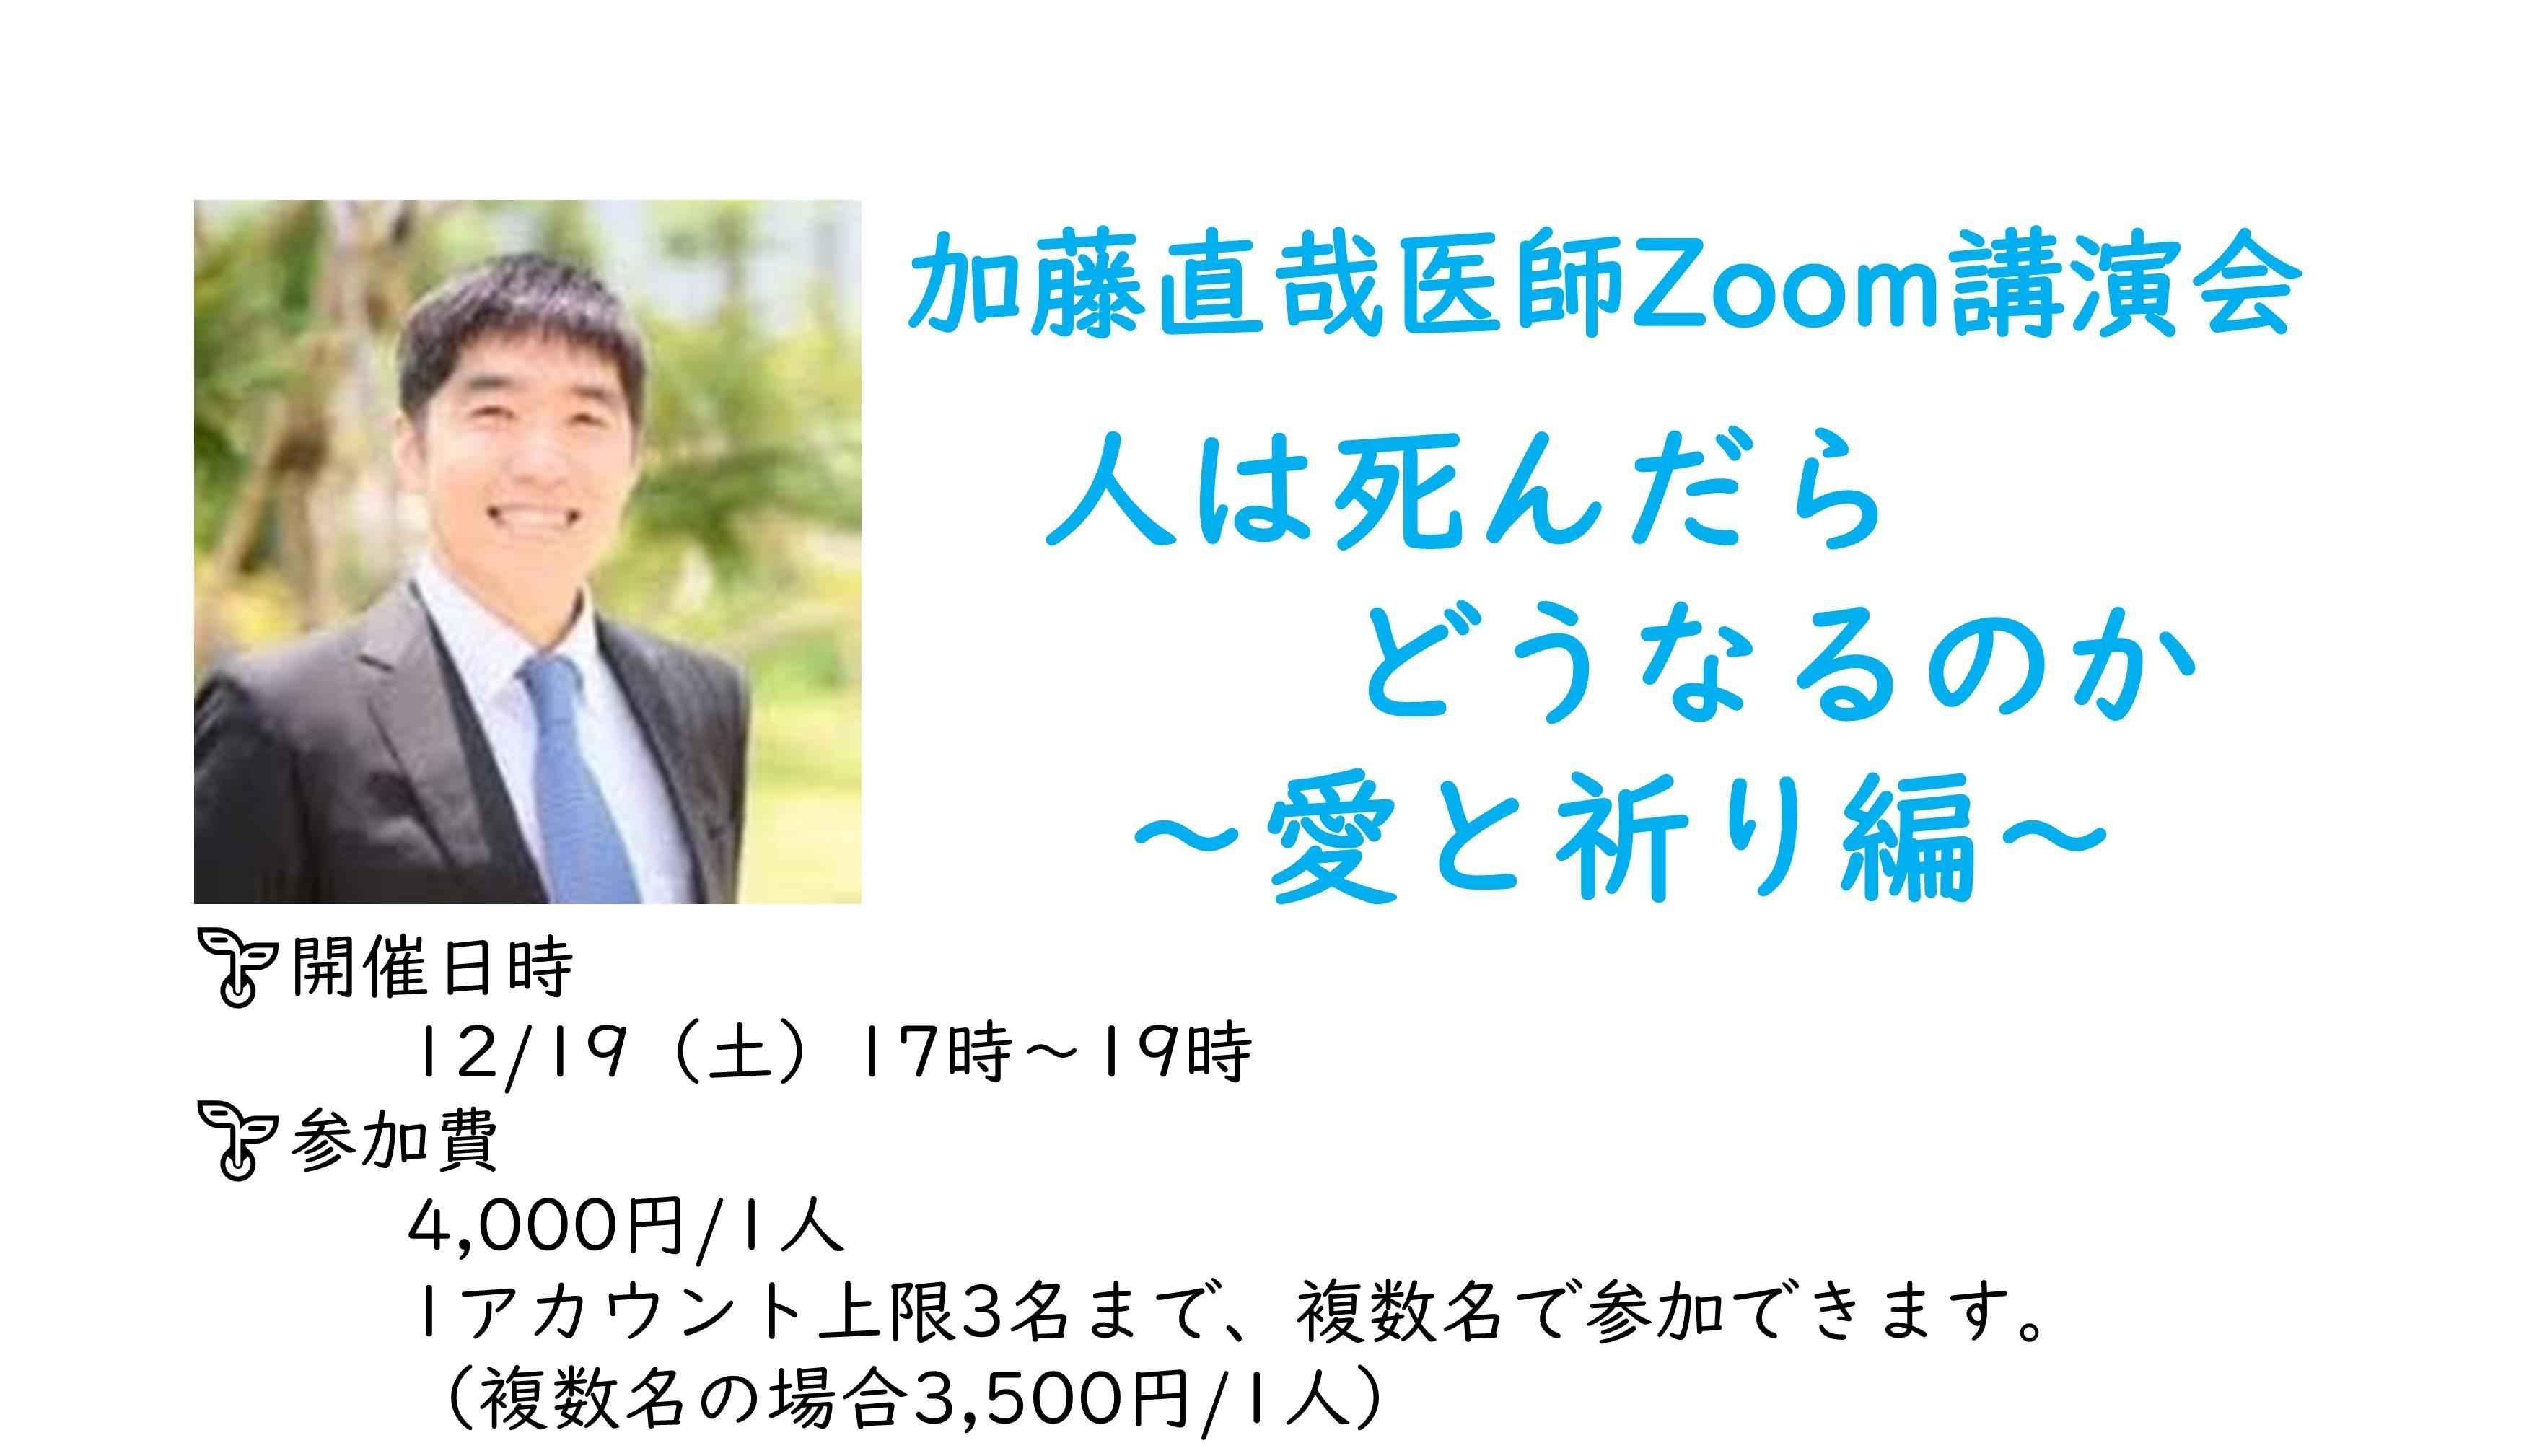 2名参加用加藤直哉医師Zoom講演会「人は死んだらどうなるか」